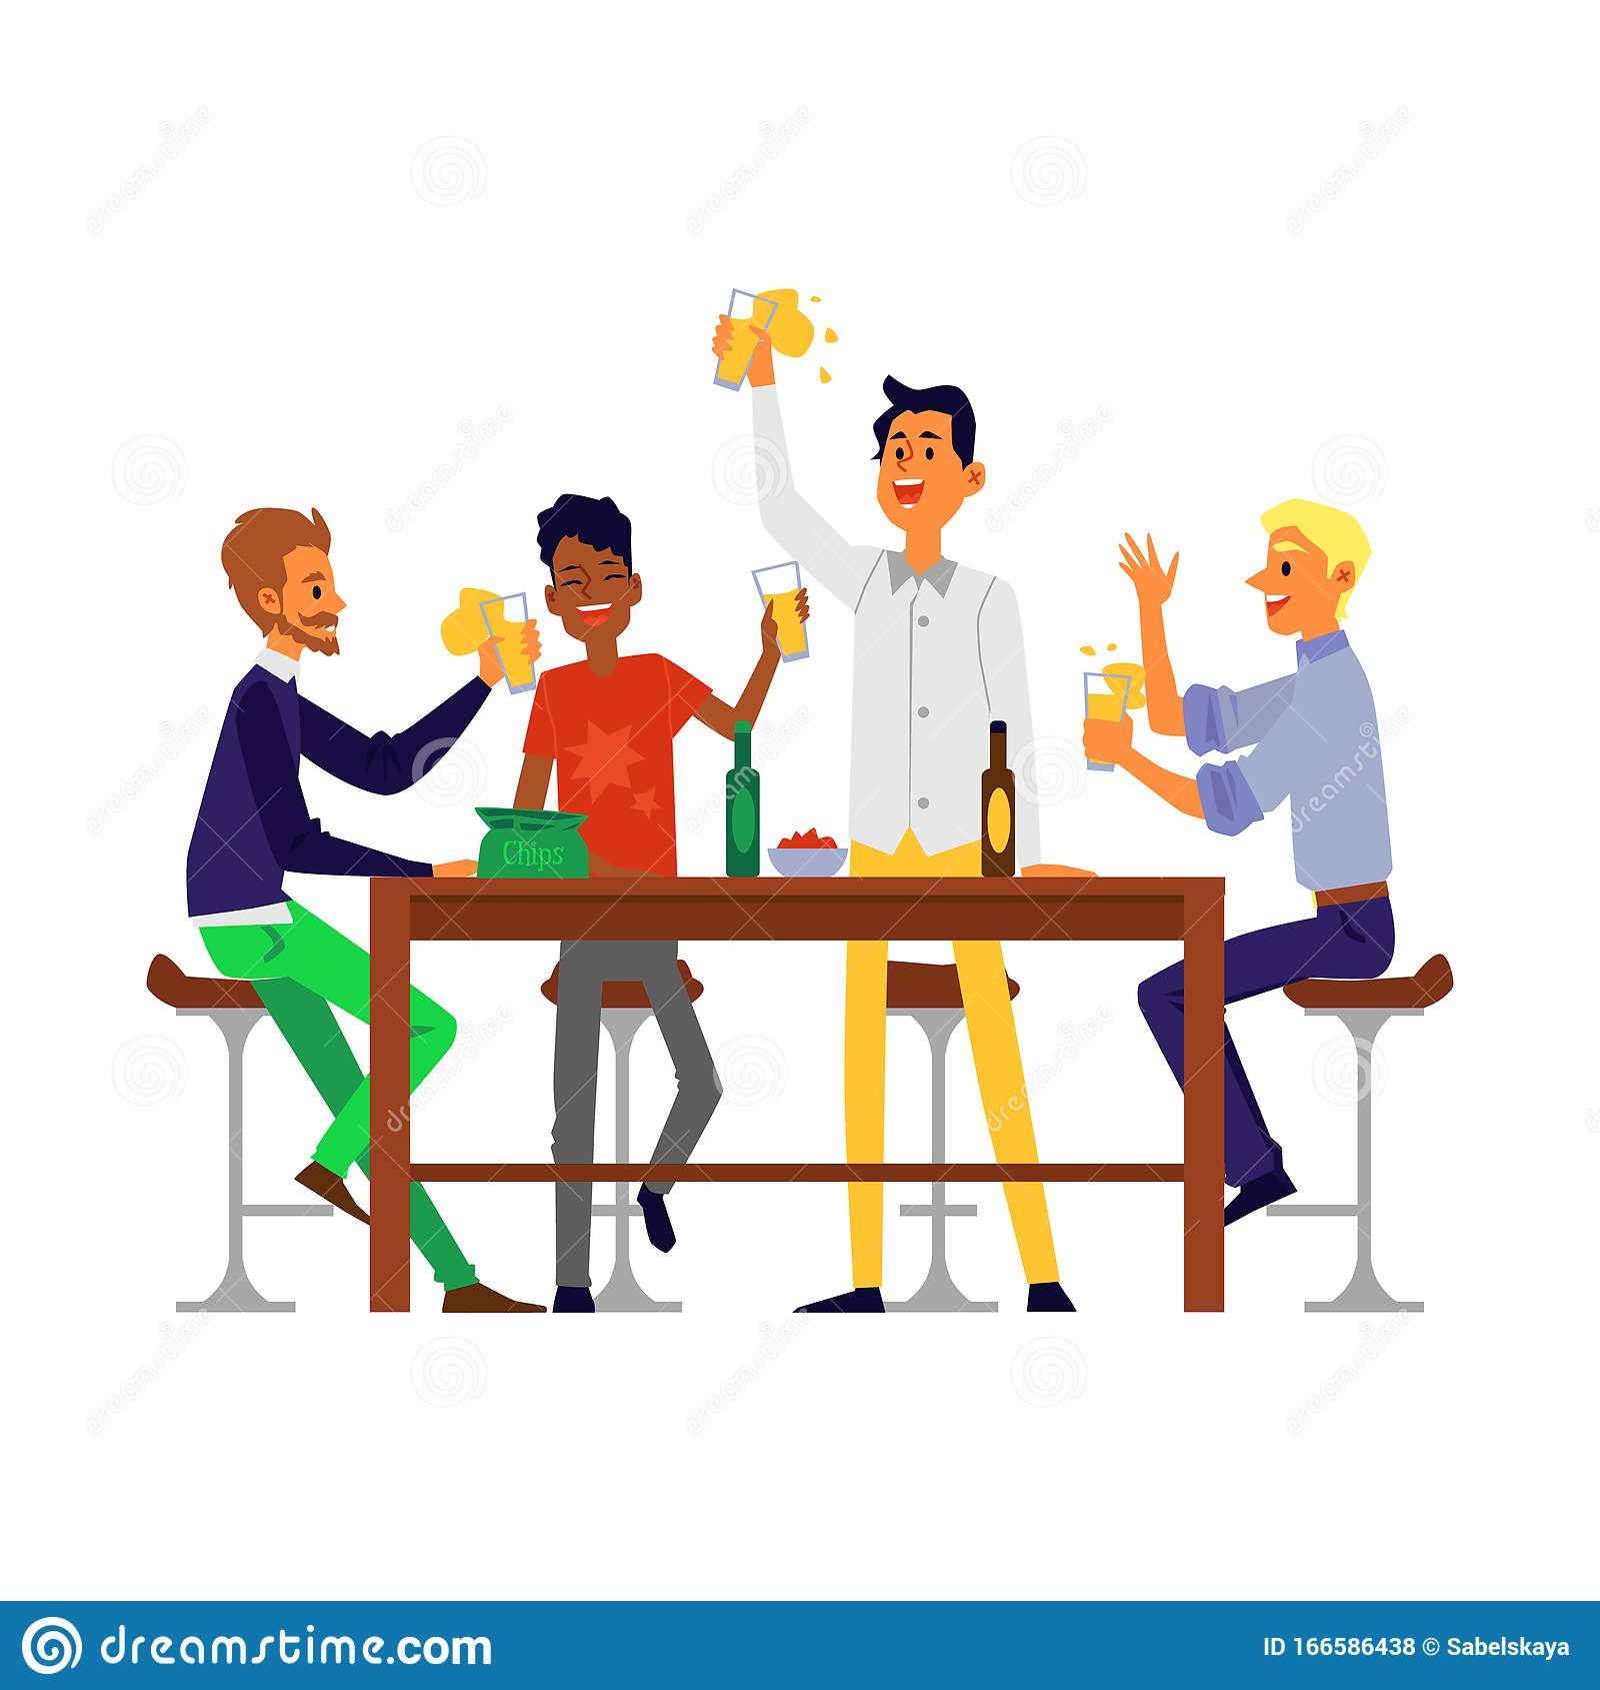 Cartoon Men Drinking Beer Stock Illustrations – 342 Cartoon Men Drinking  Beer Stock Illustrations, Vectors & Clipart - Dreamstime